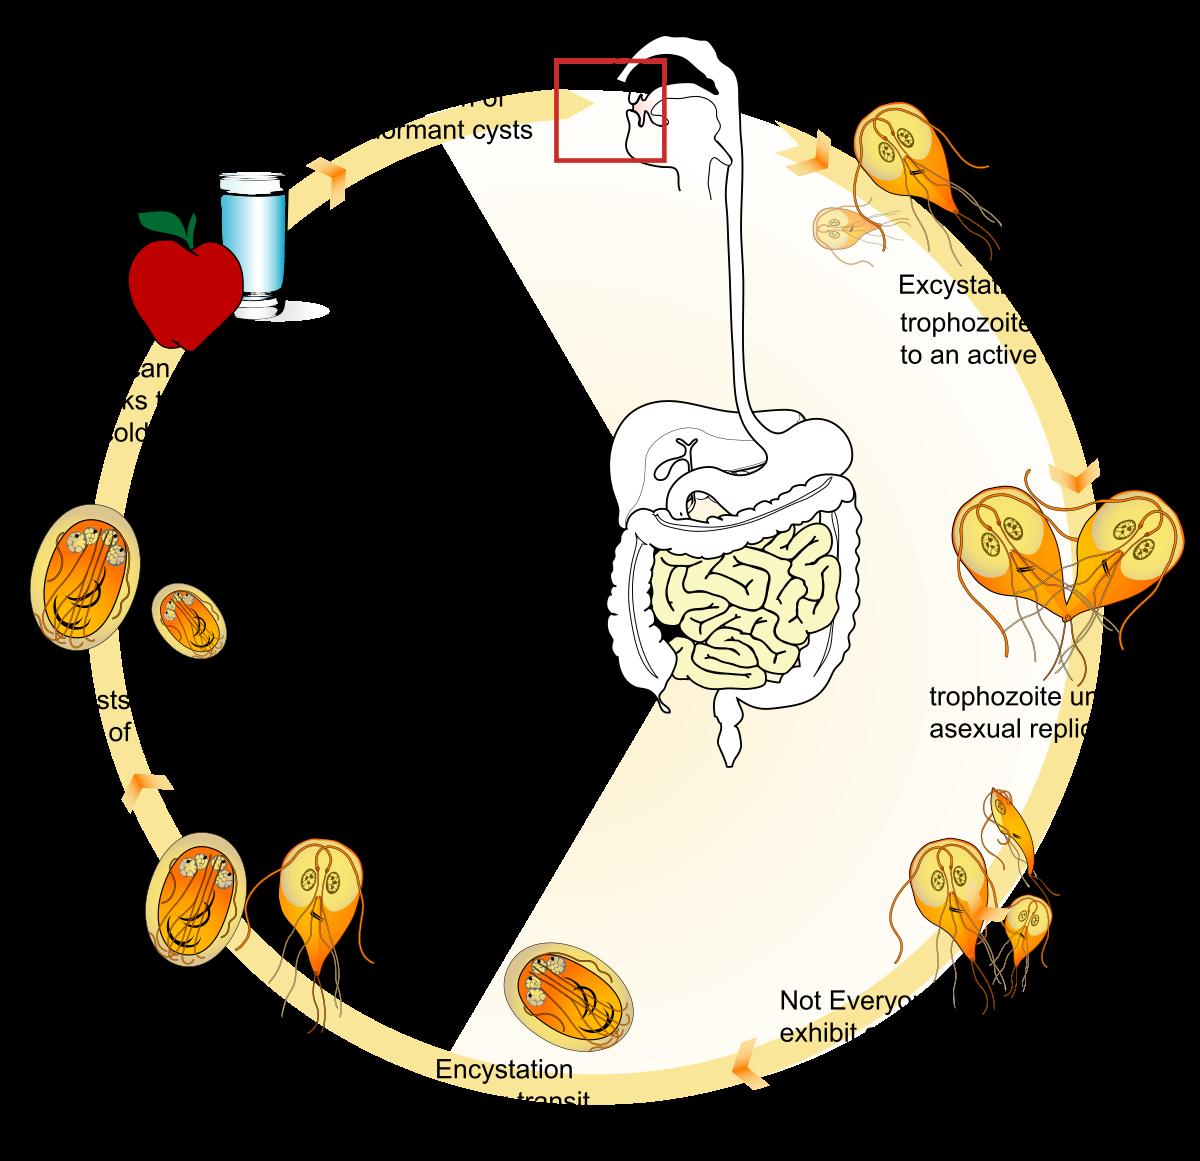 giardia protozoa symptoms hogyan kell elvezetni a pinworm férgeket